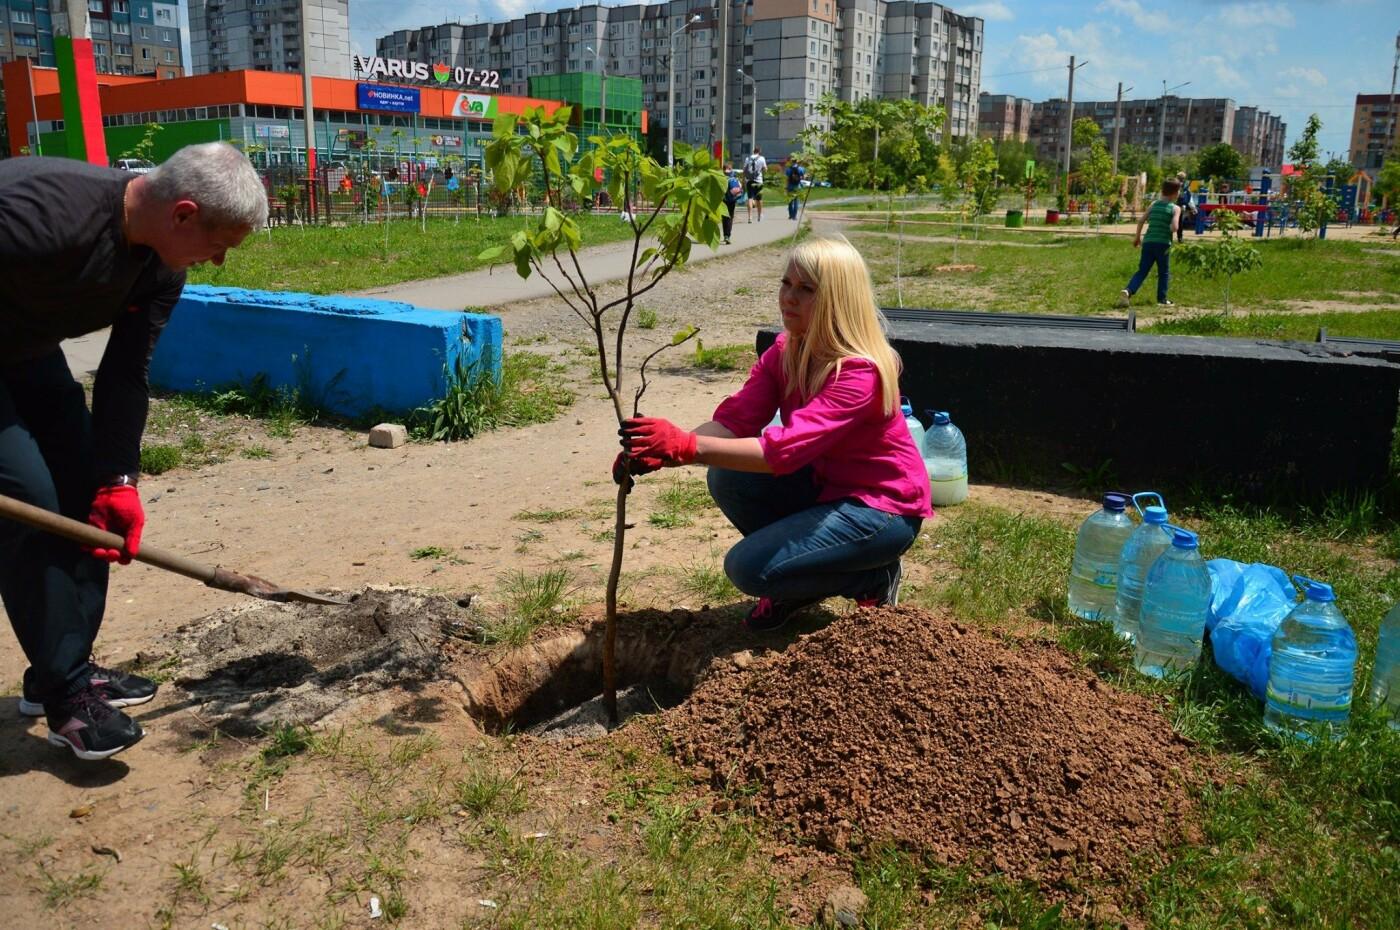 В Кривом Роге появился живой памятник людям, которые умерли из-за СПИДа, - ФОТО , фото-19